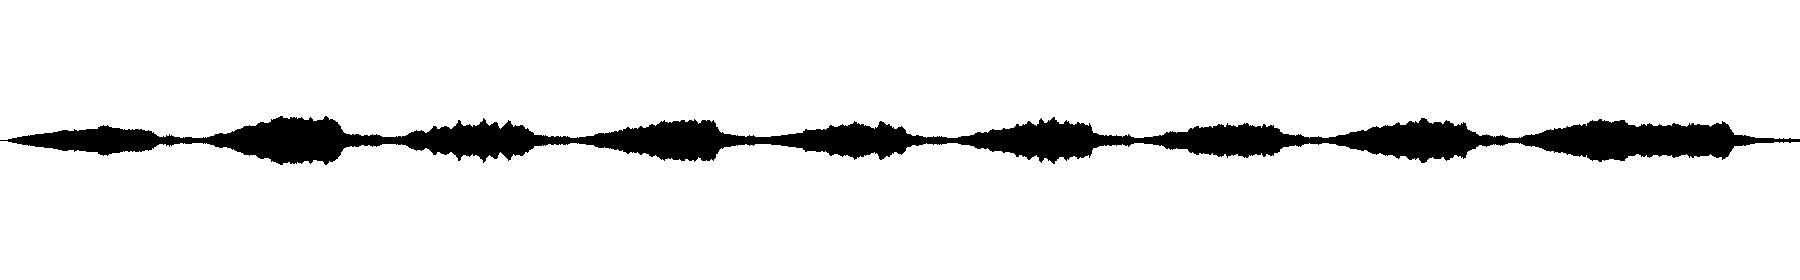 violin loop by f. 01